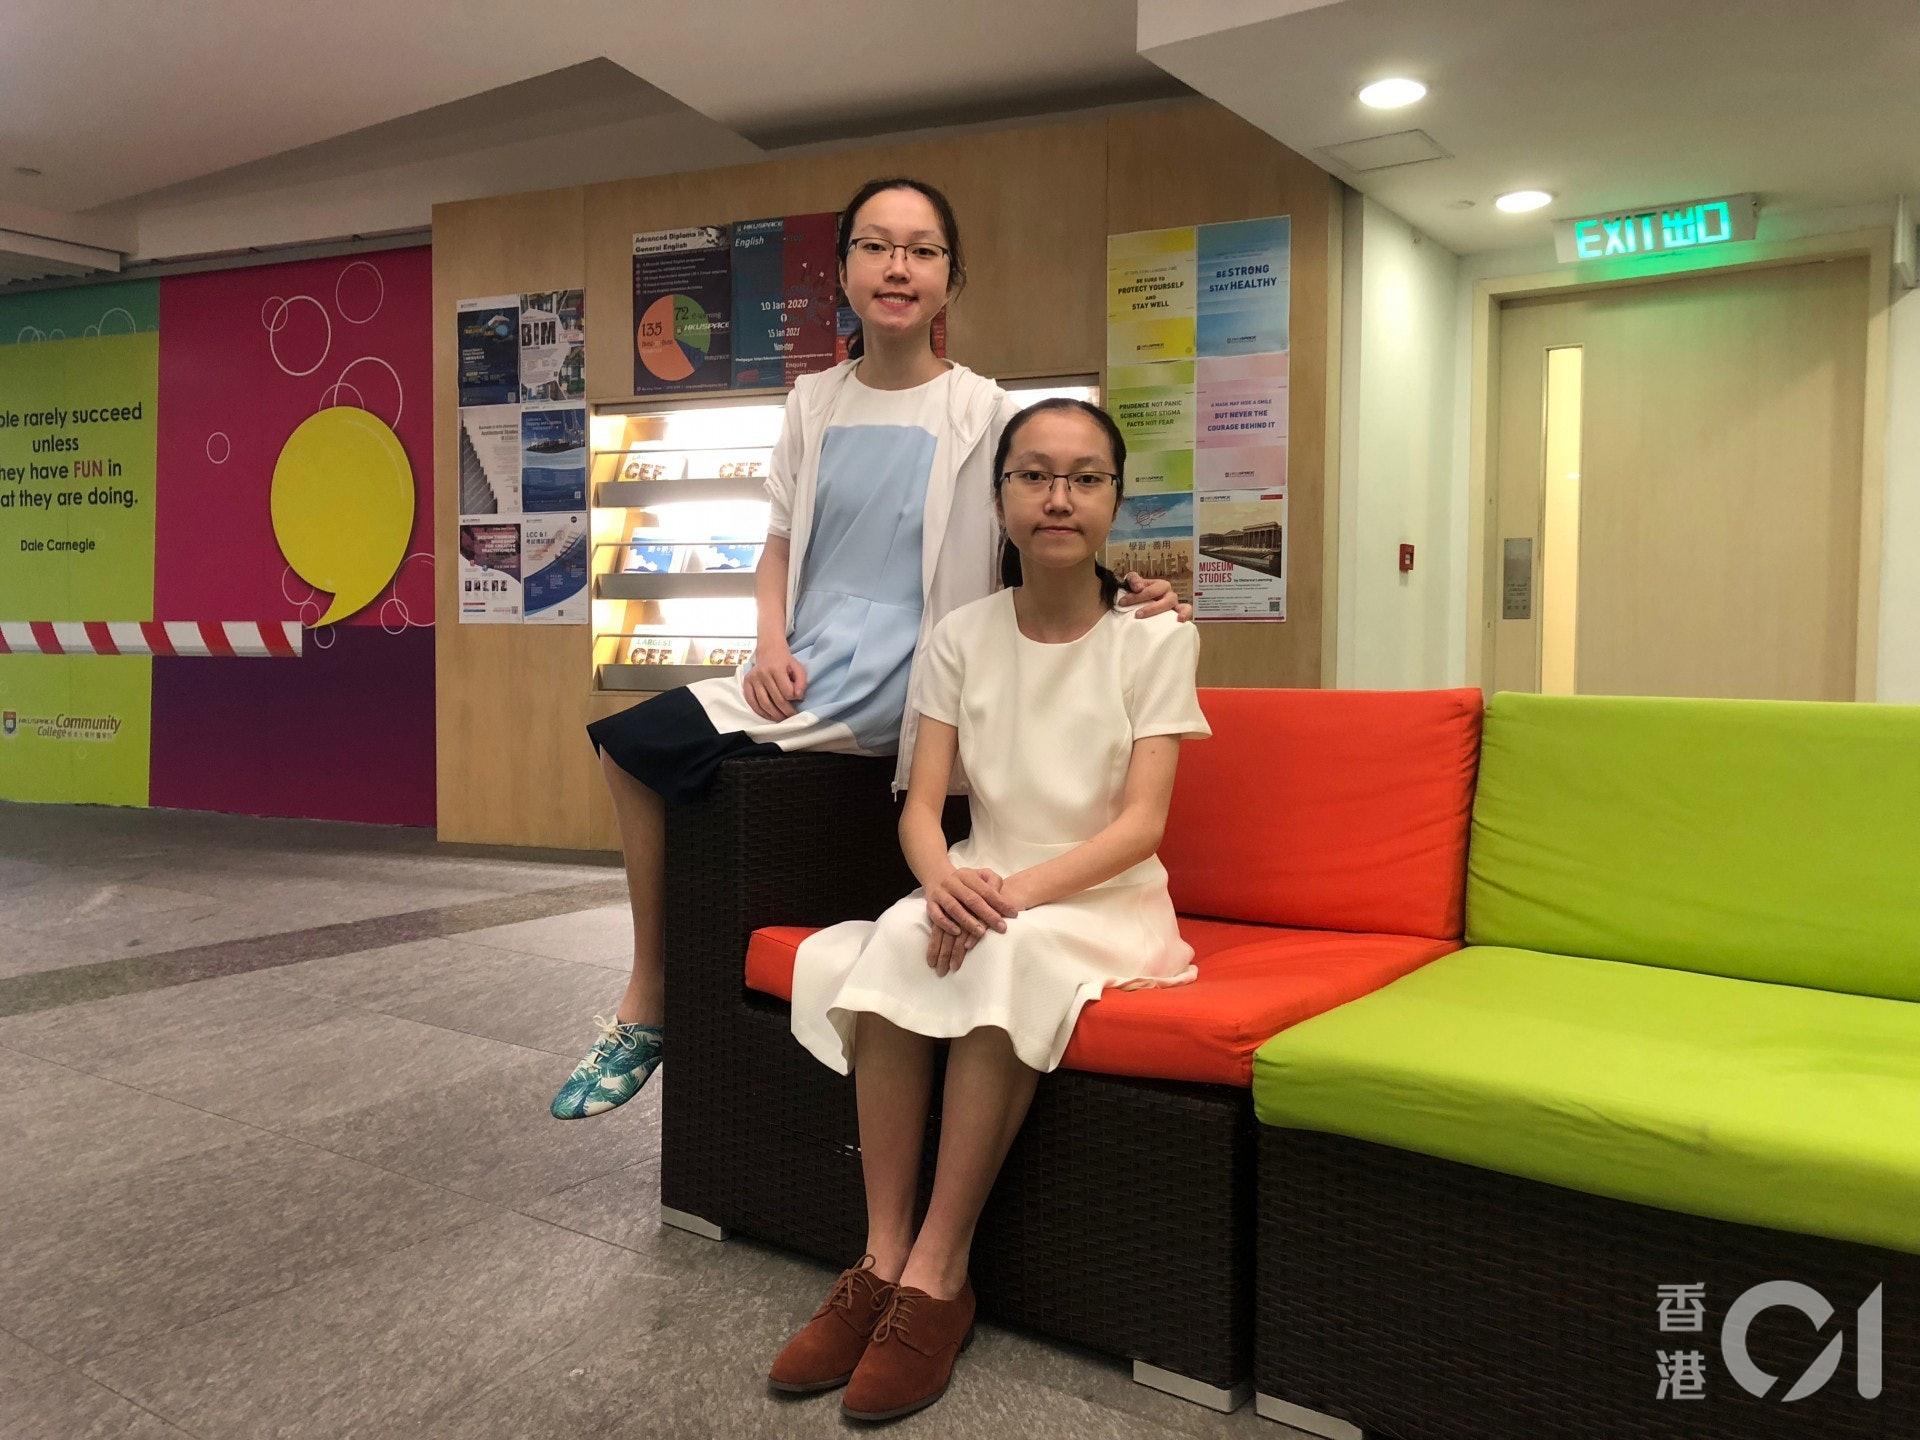 妹妹梁詠琪(圖左)在父母期望下勉強接受學位,入學後依然對課程倍感抗拒,修讀一個學期後終申請退學,與姊姊一同重考文憑試。(胡家欣攝)